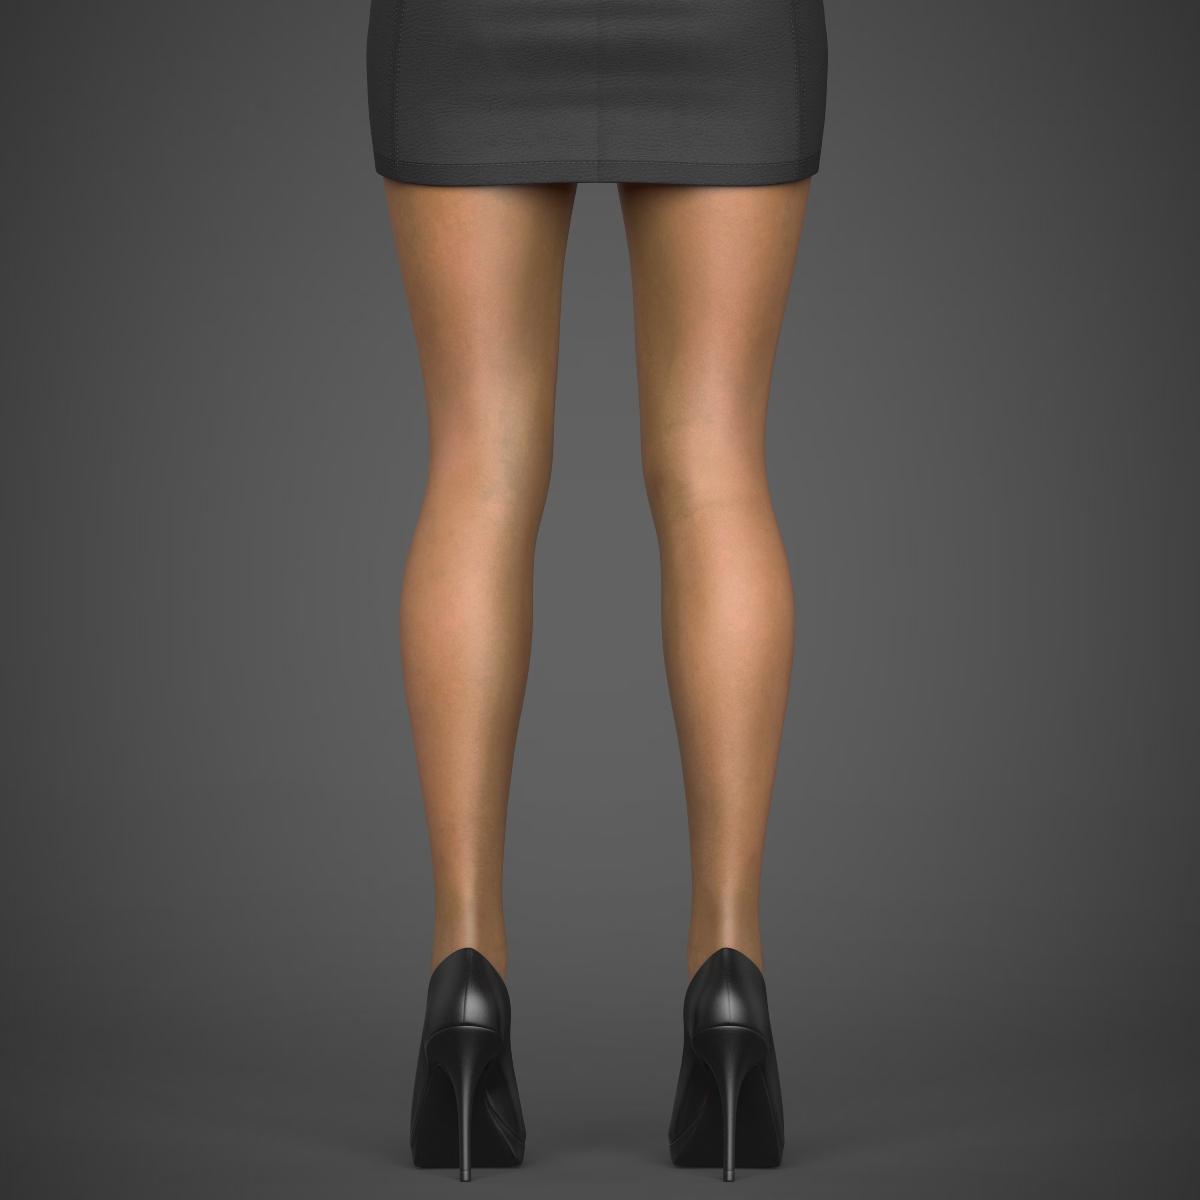 young sexy woman 3d model max fbx c4d ma mb texture obj 221220